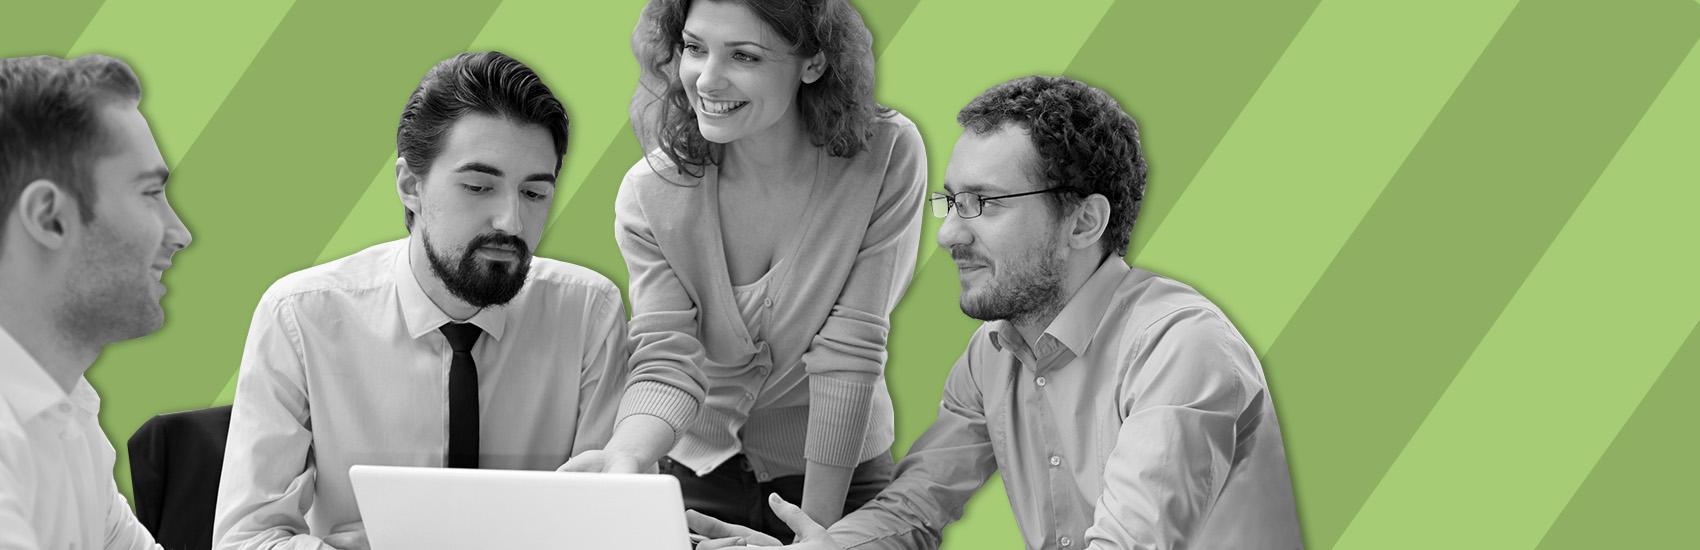 ТОП-5 книг для адаптации ваших новых сотрудников